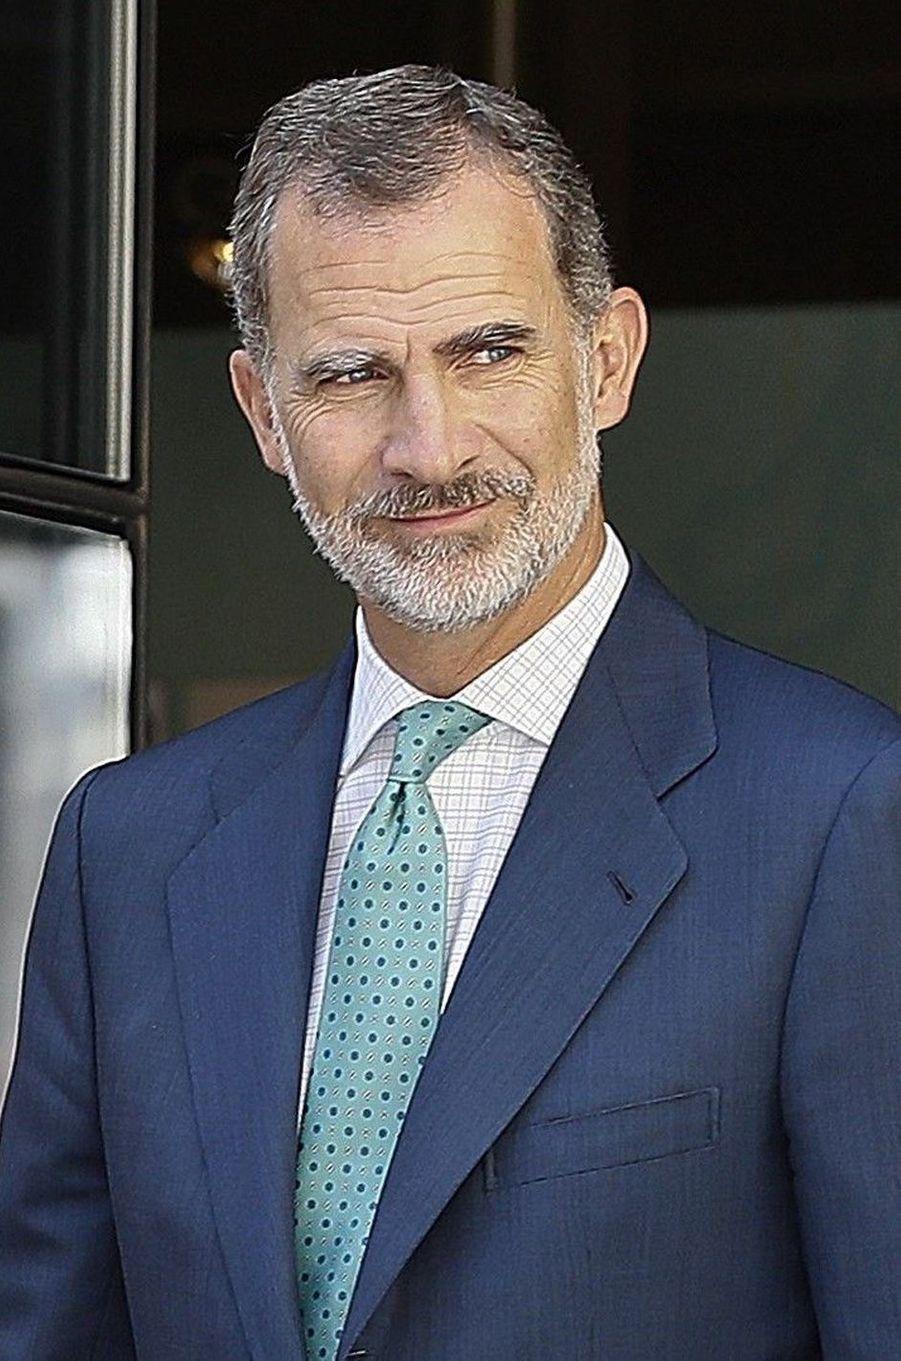 Le roi Felipe VI d'Espagne, le 12 septembre 2019